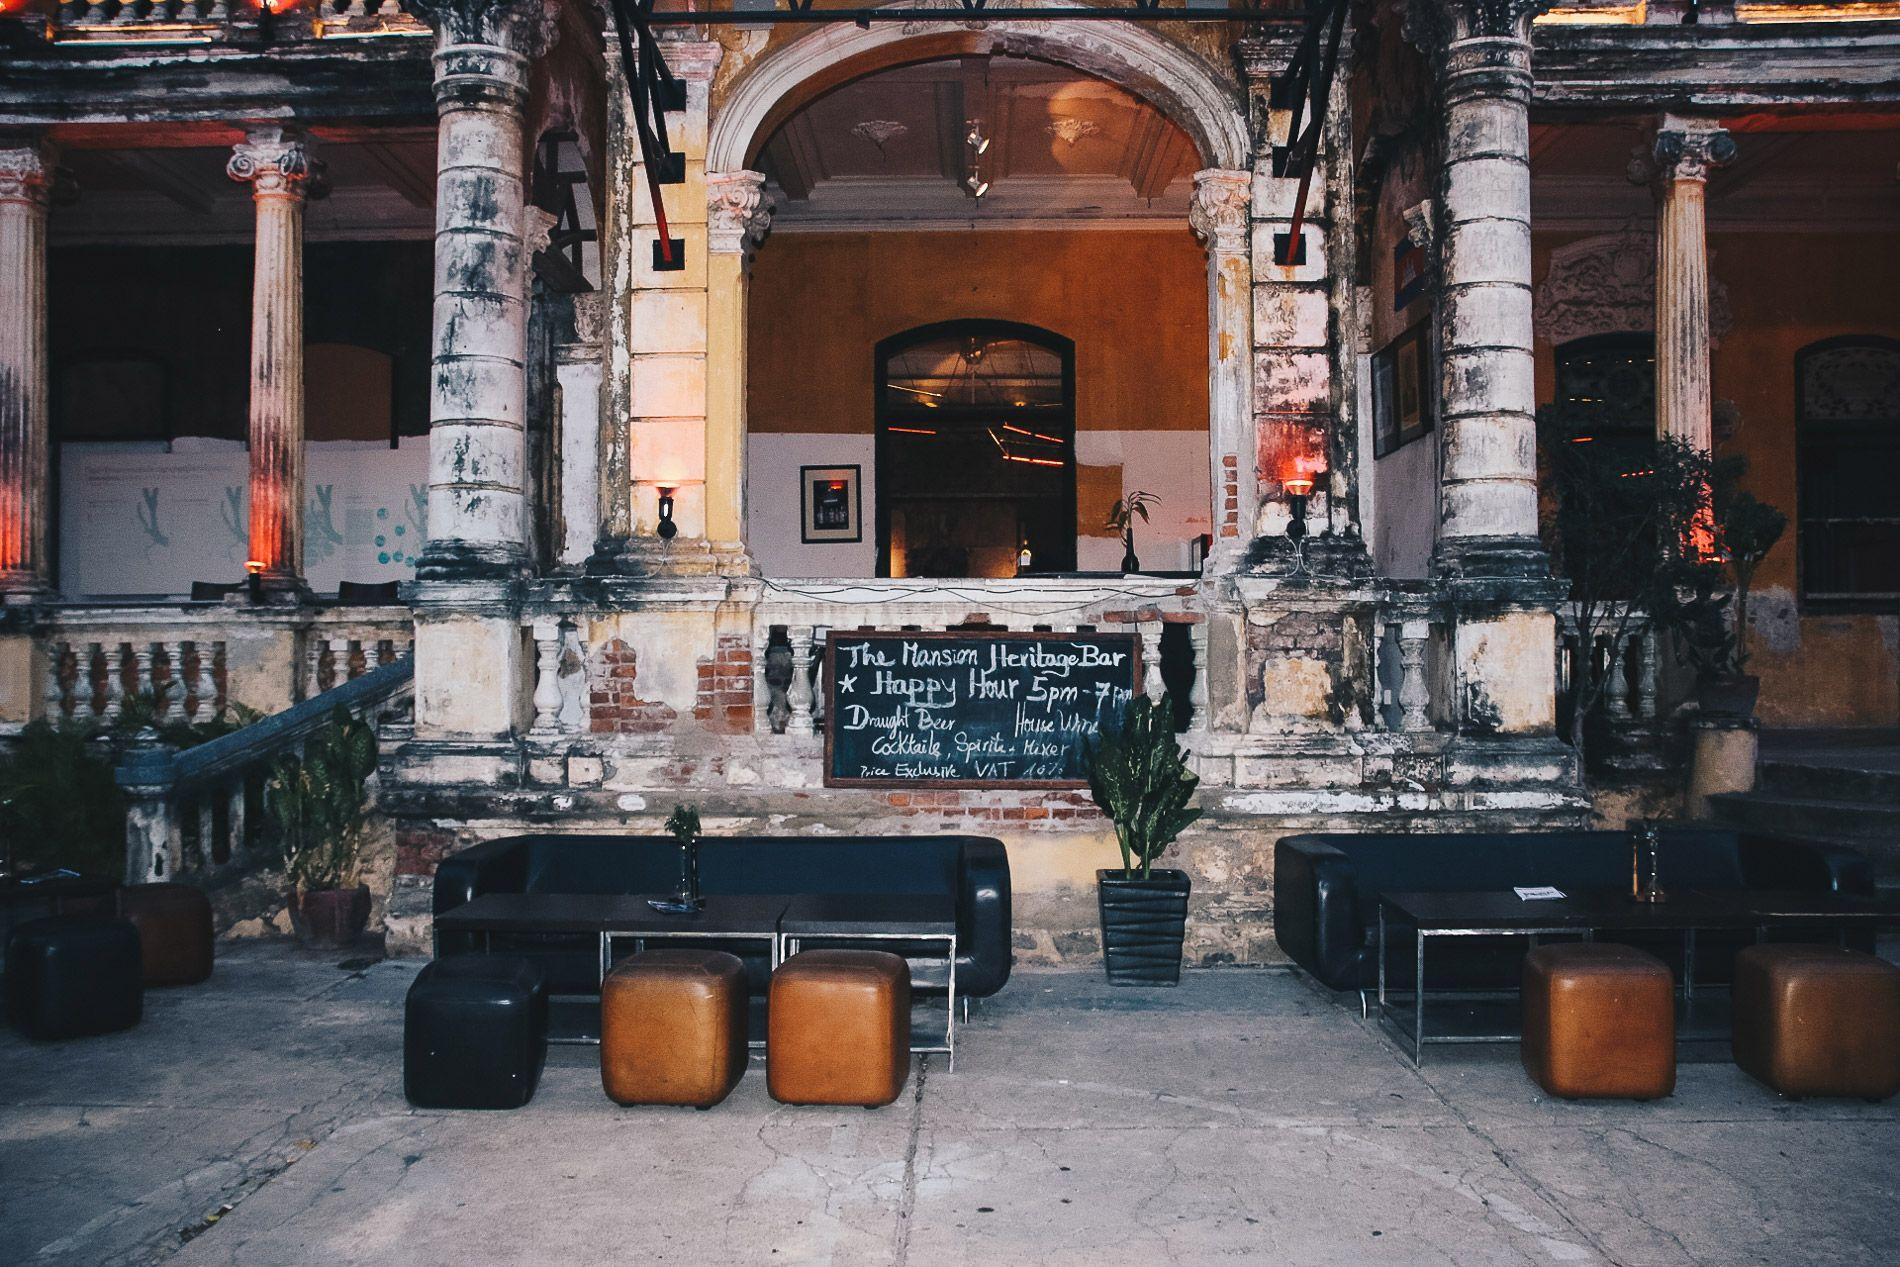 Cambodge | phnom penh | boire un verre | conseil | voyage